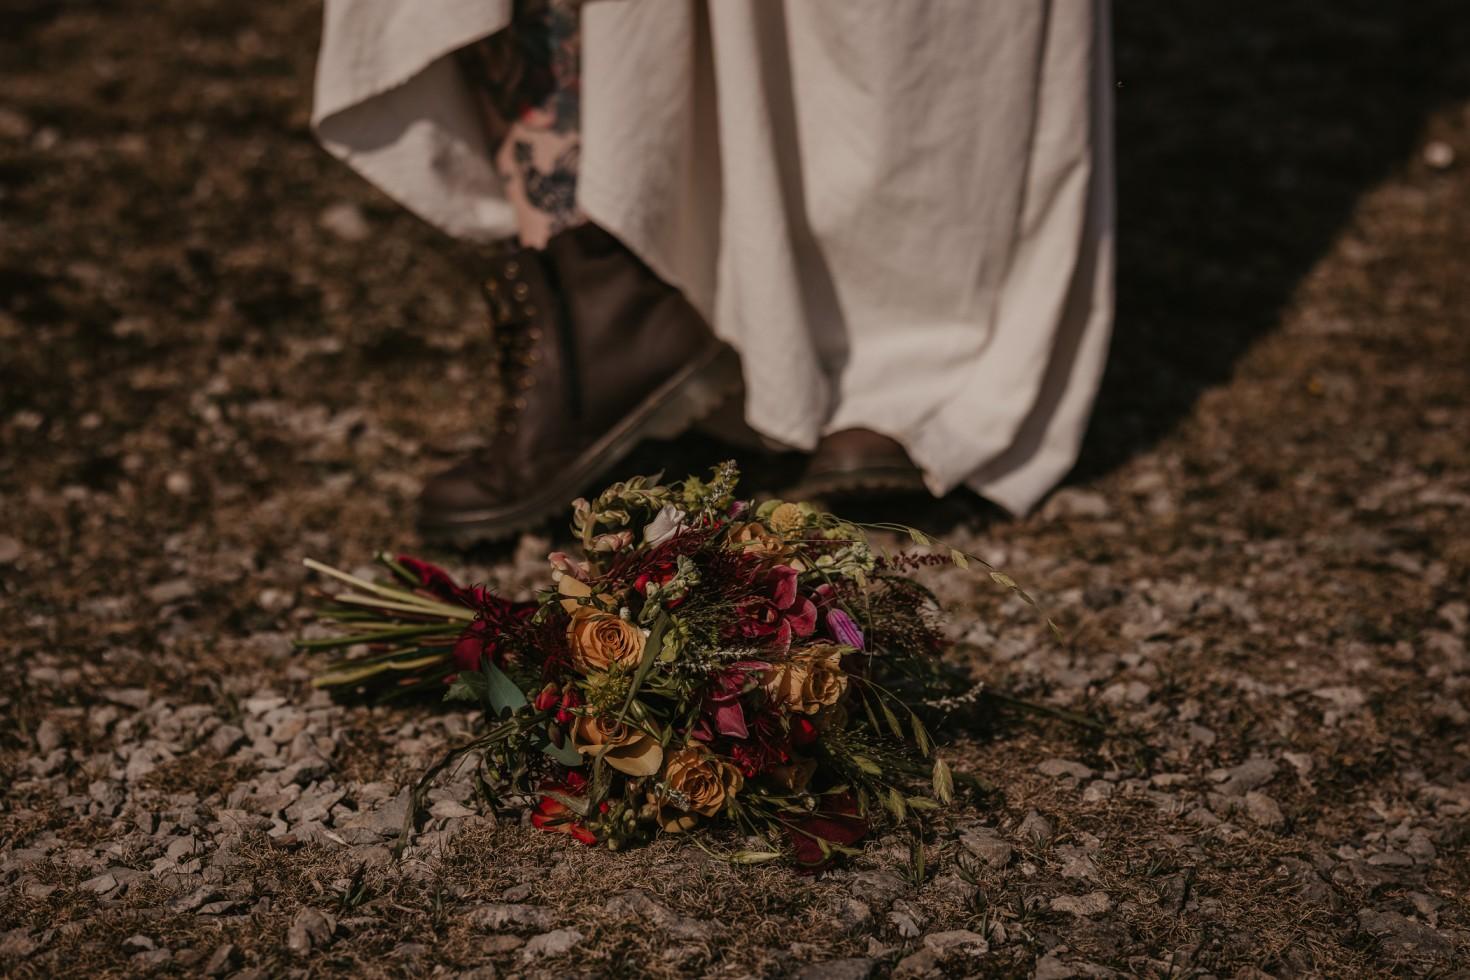 wild wedding - wedding wildflowers - bohemian wedding flowers - boho wedding bouquet - relaxed wedding flowers